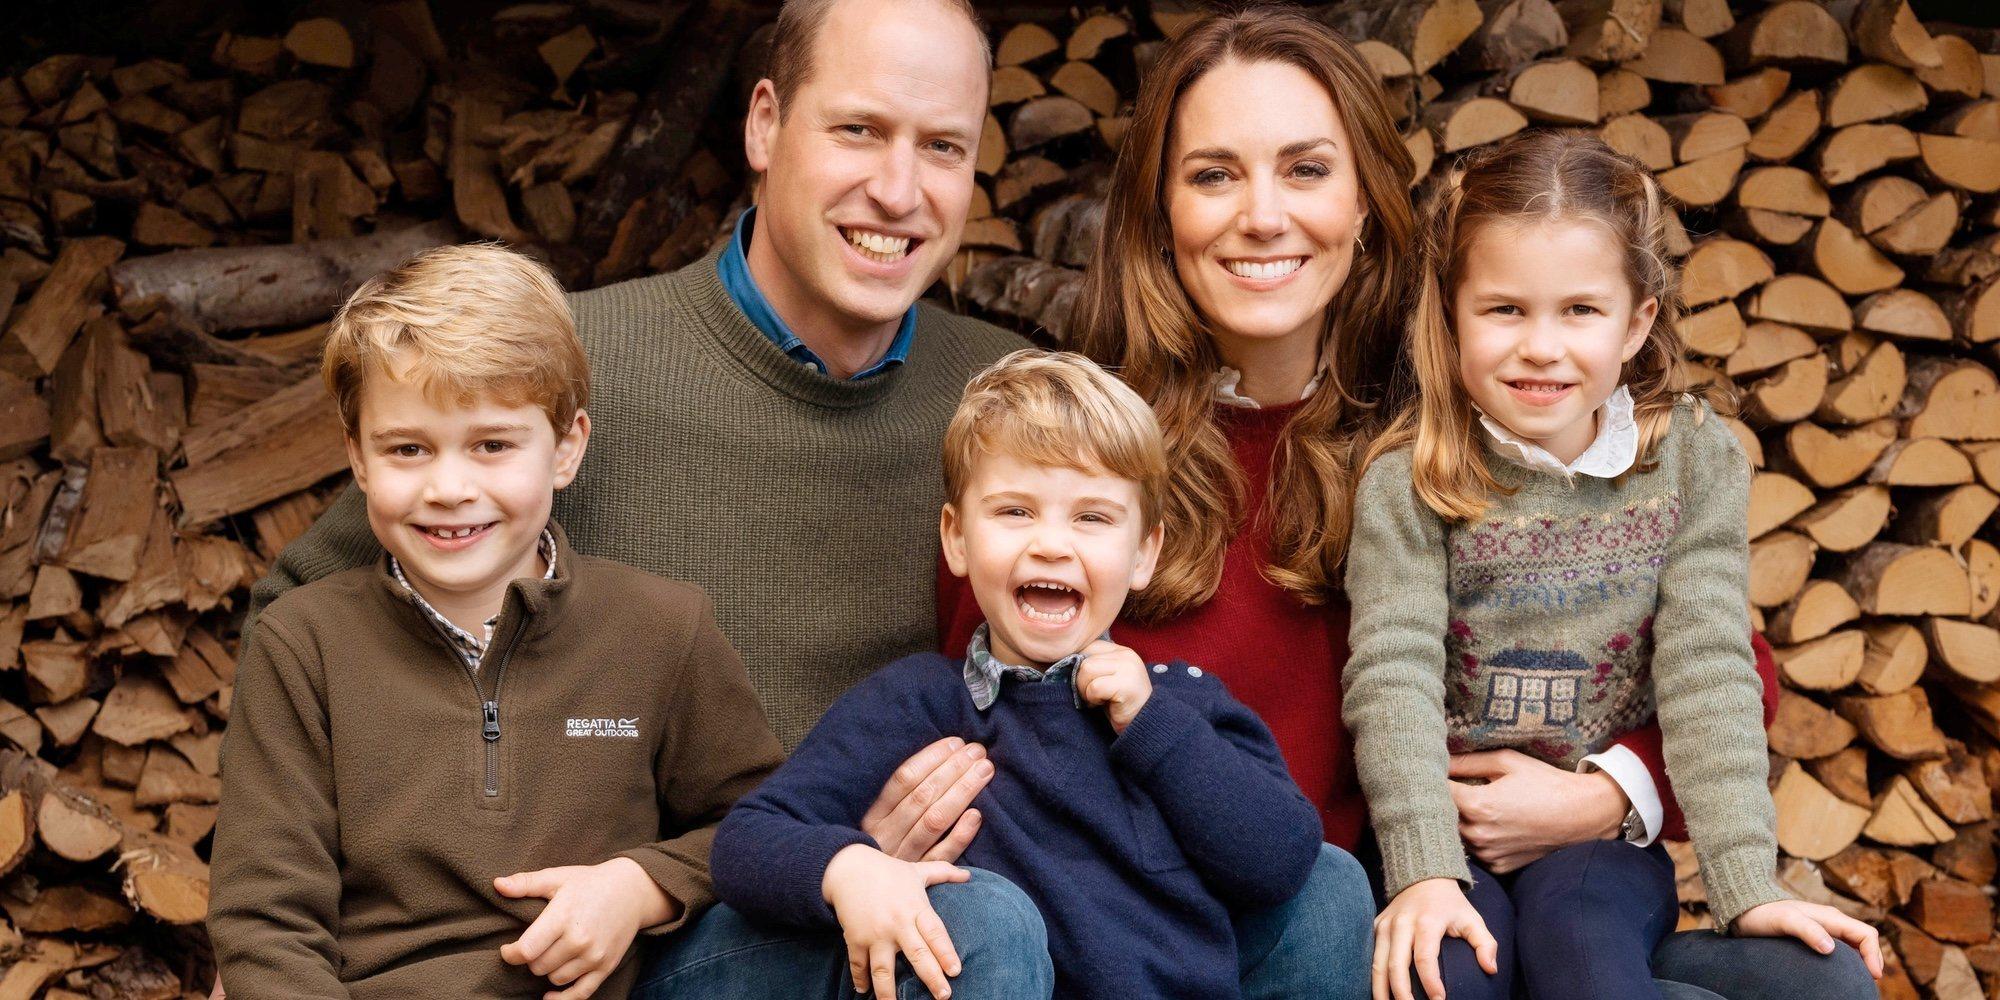 Las vacaciones del Príncipe Guillermo y Kate Middleton con sus hijos: viaje familiar en un destino ya conocido